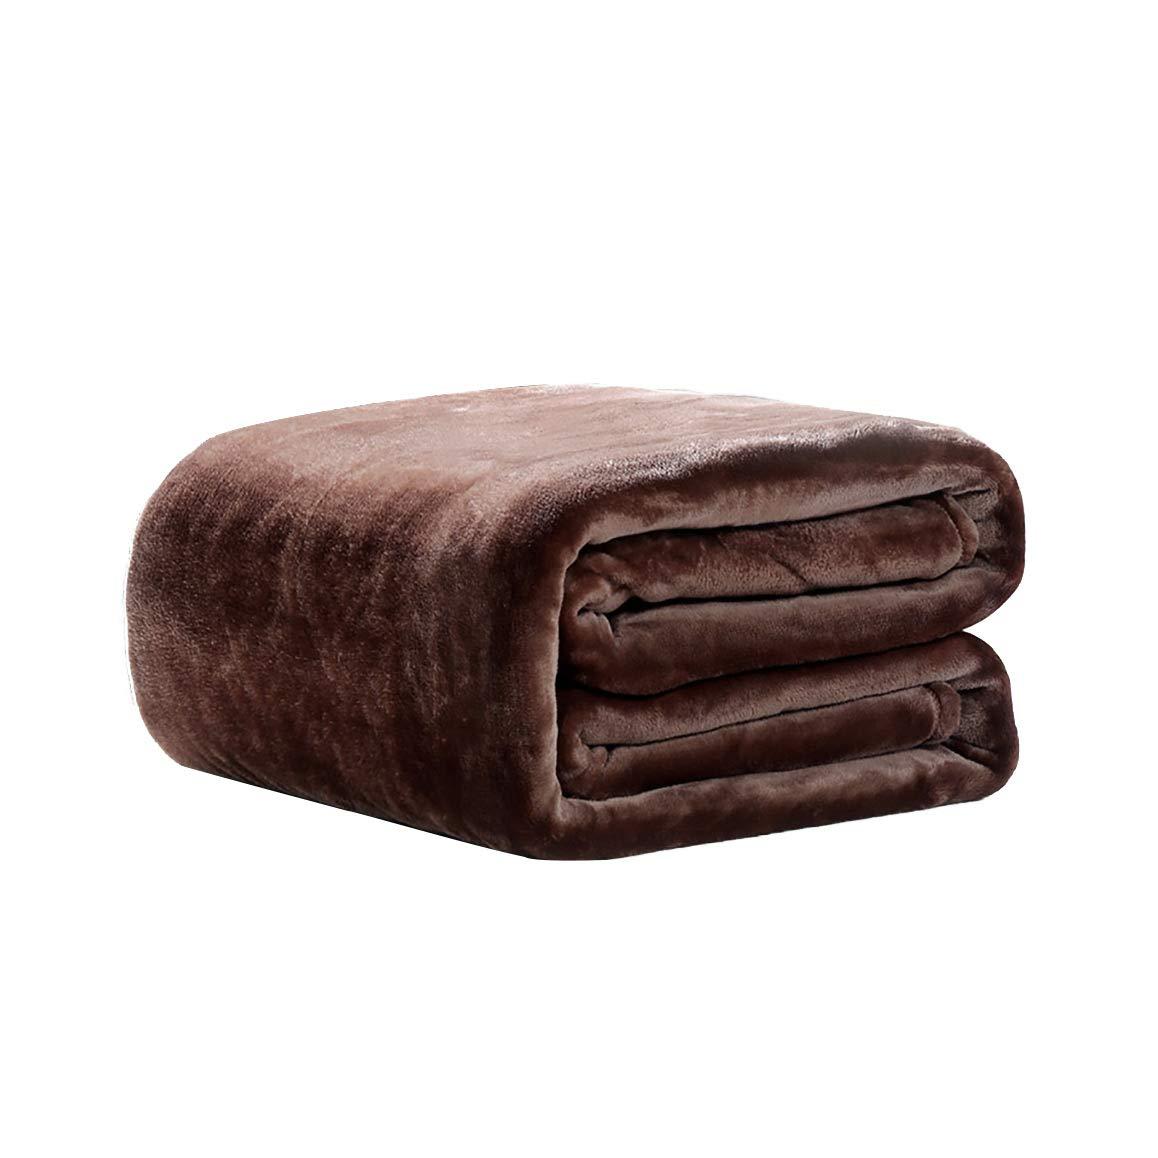 MLX Wirft Decken, Decken Sind Im Herbst Verdickt Und Winterdecken Handtücher Sind Nickerchen Korallen Samt Decke Klimaanlage Ist Braune Blätter 150 × 200 cm